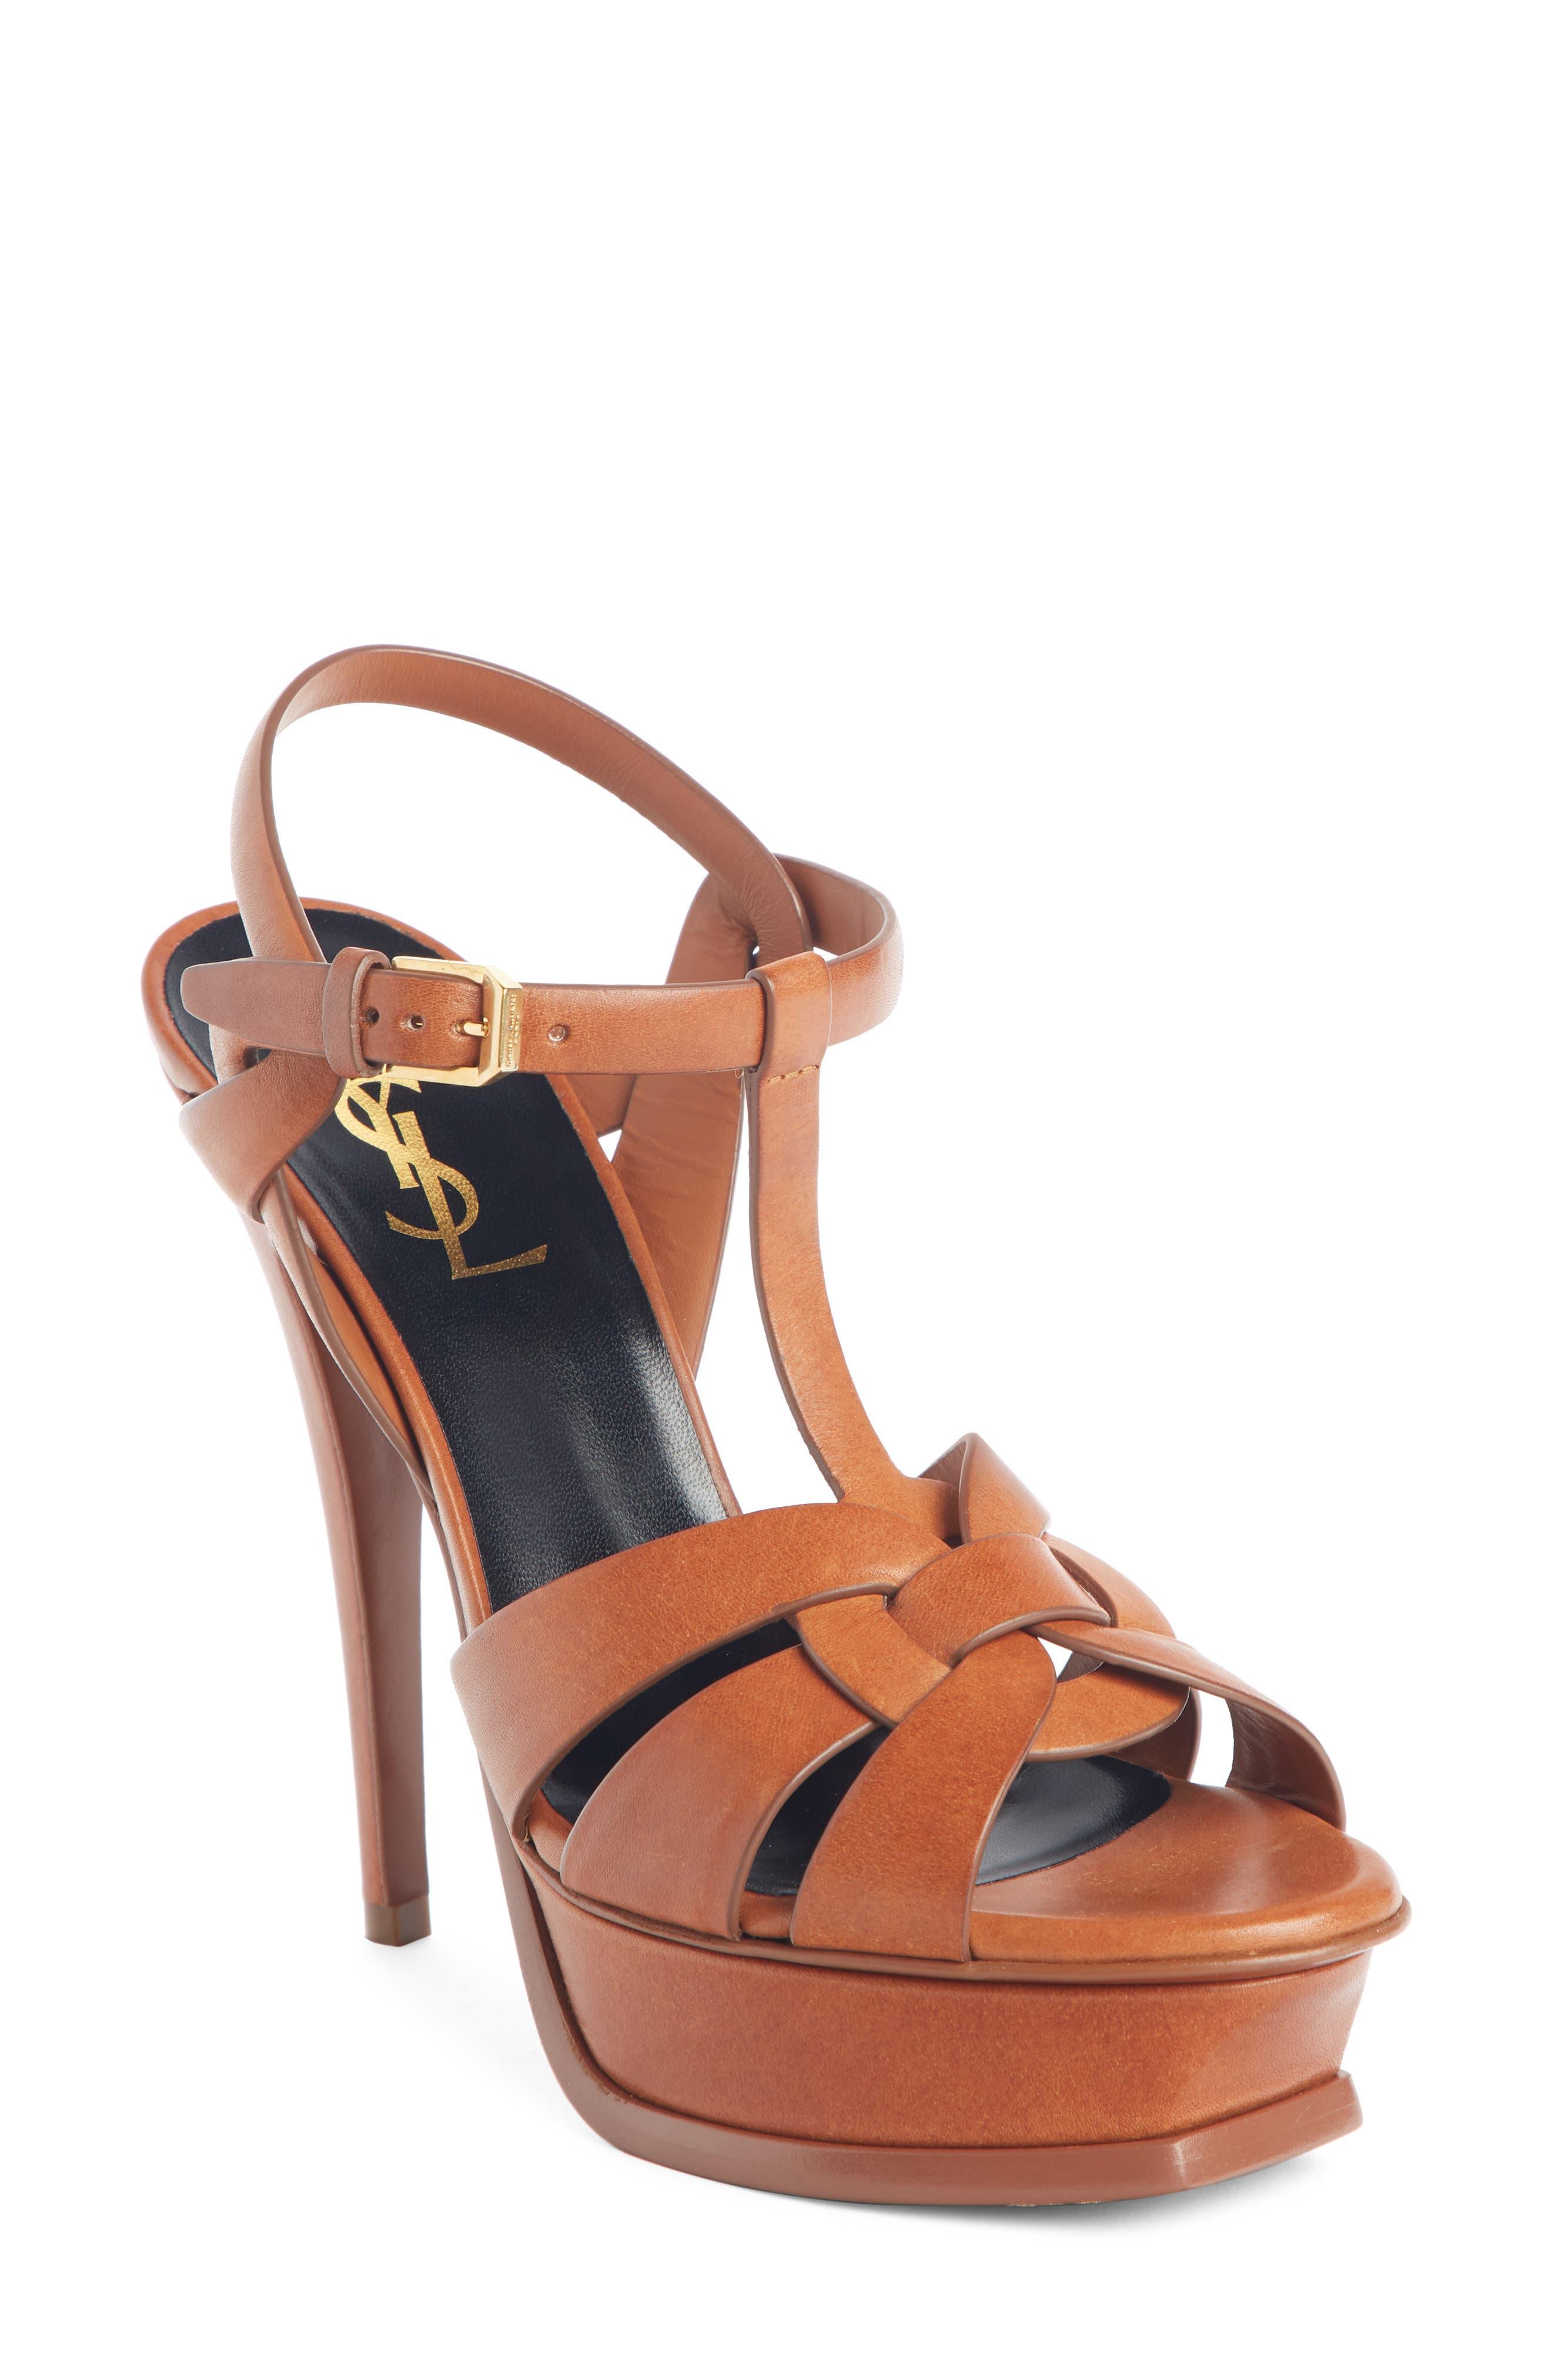 SAINT LAURENT 'Tribute' Sandal, Main, color, AMBRA